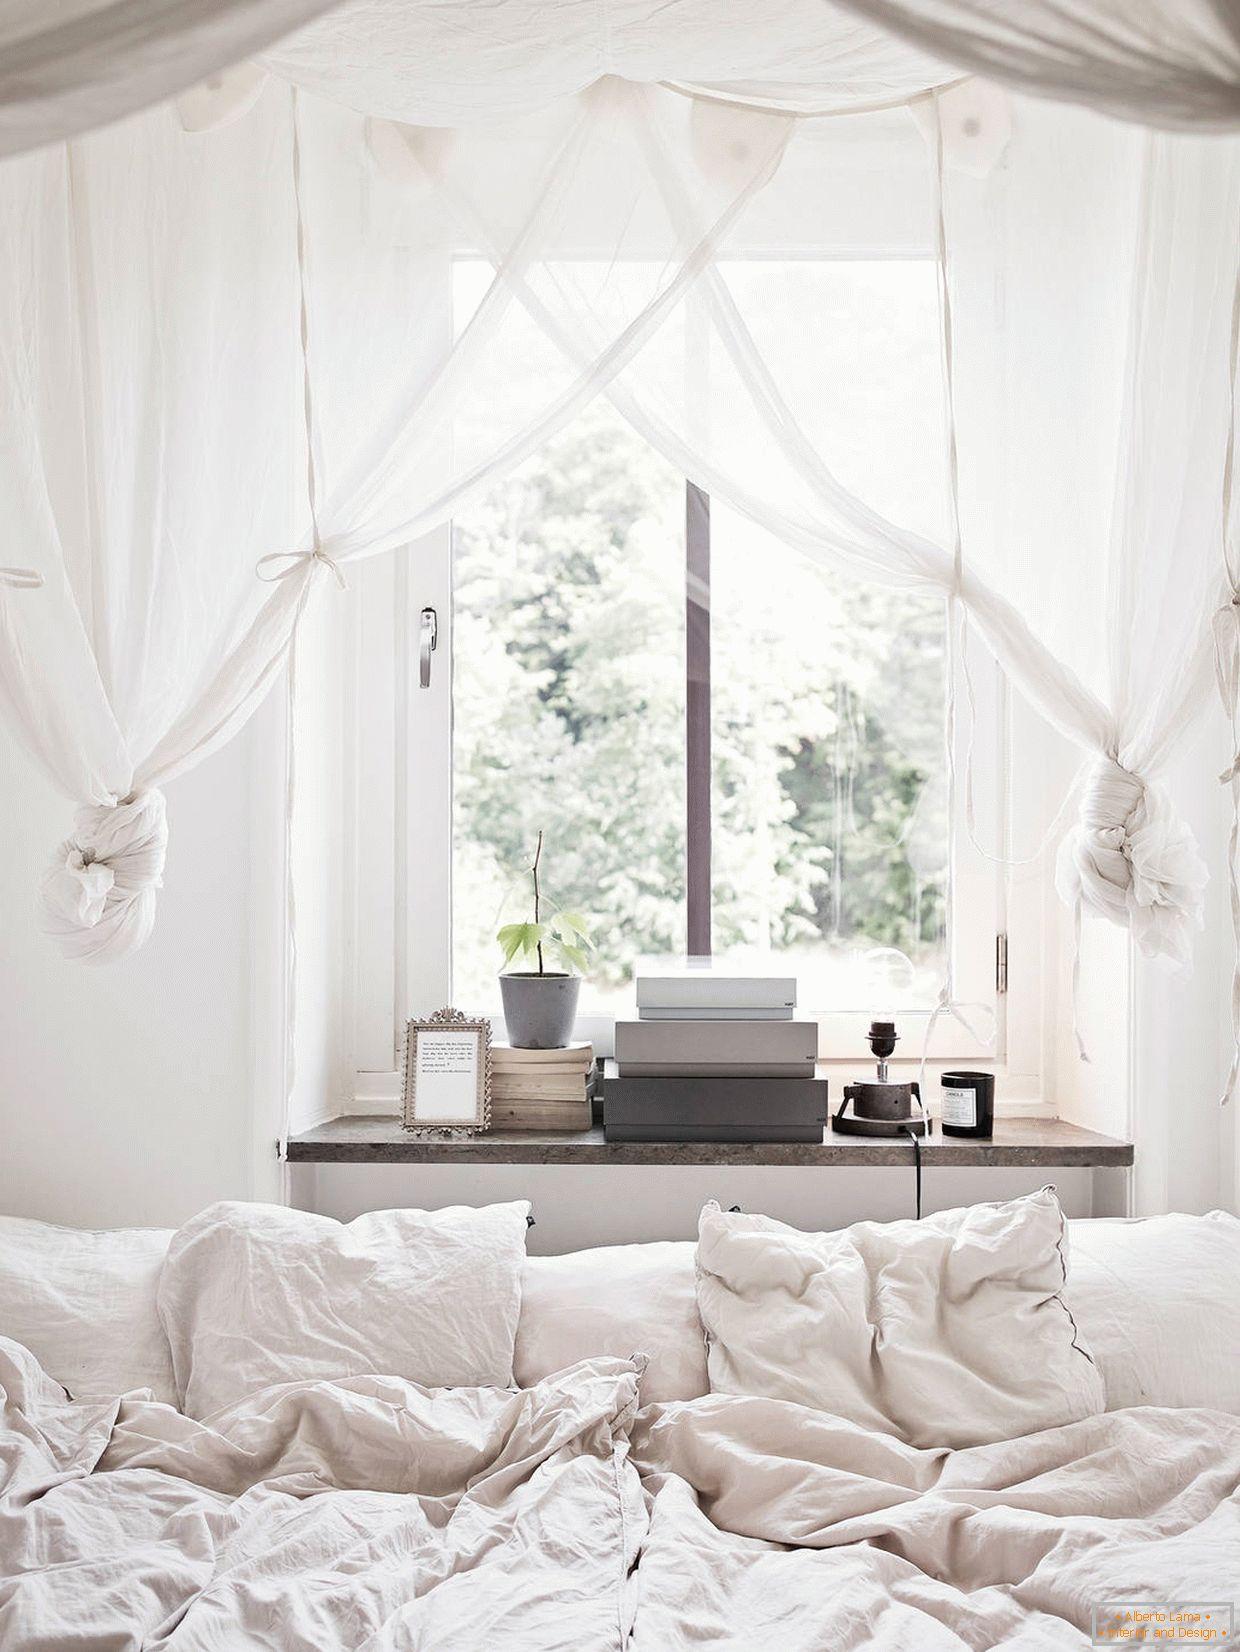 Tolle Ideen Für Die Gestaltung Kleiner Räume